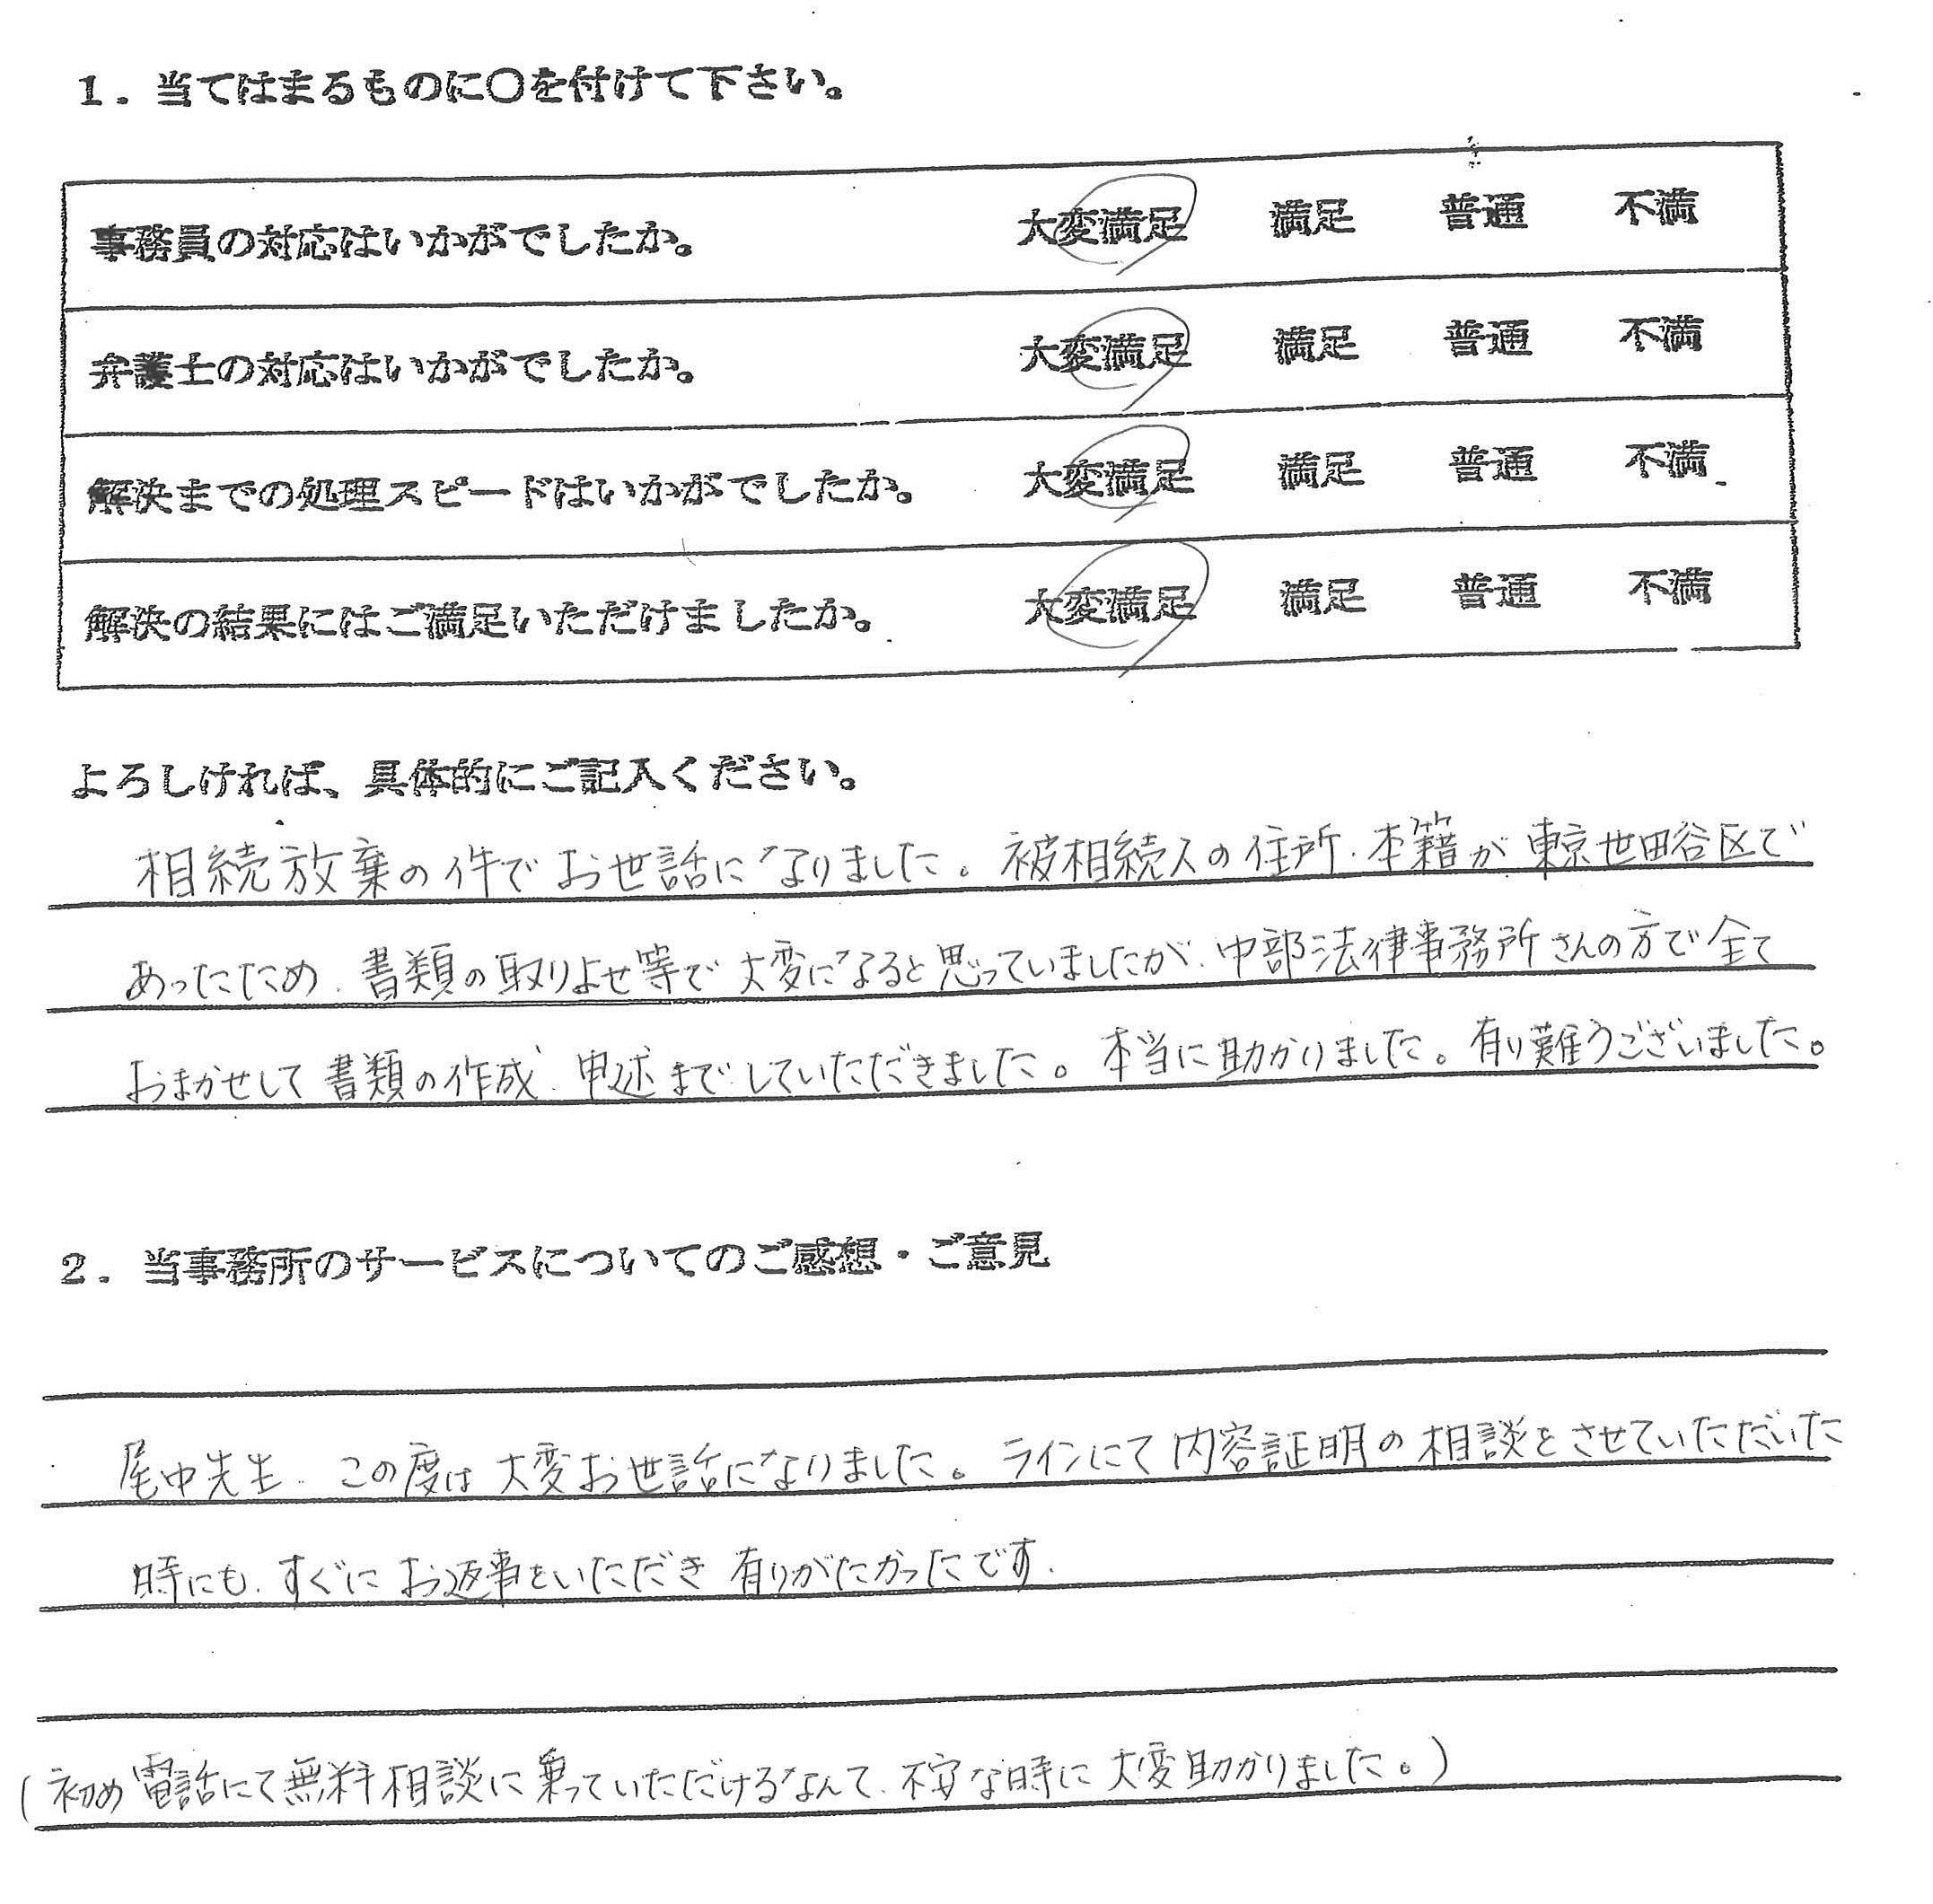 愛知県瀬戸市40代女性(相続放棄)の依頼者様の声 : 相続放棄の件でお世話になりました。被相続人の住所・本籍が東京であったため、書類の取りよせ等で大変になると思っていましたが、中部法律事務所さんの方で全ておまかせして書類の作成、申述までしていただきました。本当に助かりました。有り難うございました。 尾中先生、この度は大変お世話になりました。ラインにて内容証明の相談をさせていただいた時にも、すぐにお返事をいただき有りがたかったです。 (初め電話にて無料相談に乗っていただけるなんて、不安な時に大変助かりました。)